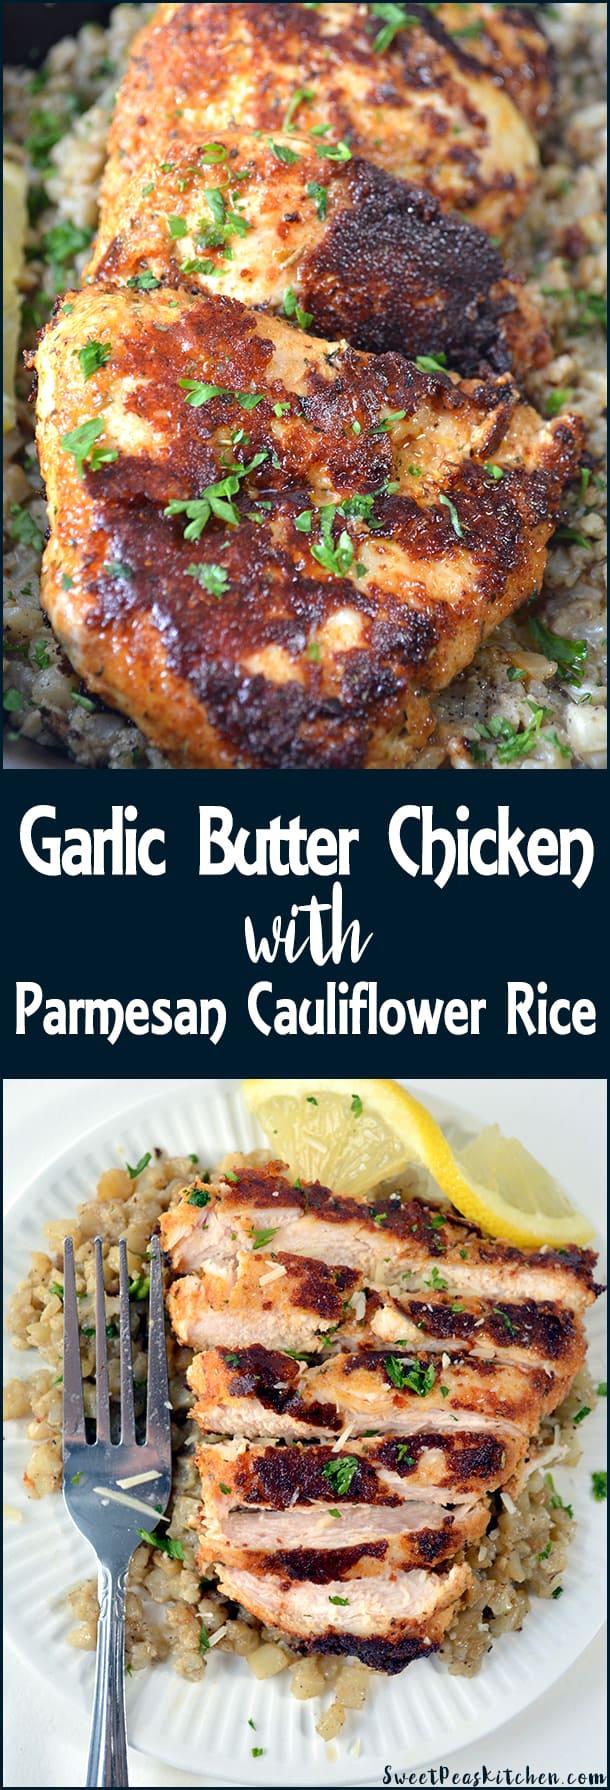 Garlic Butter Chicken